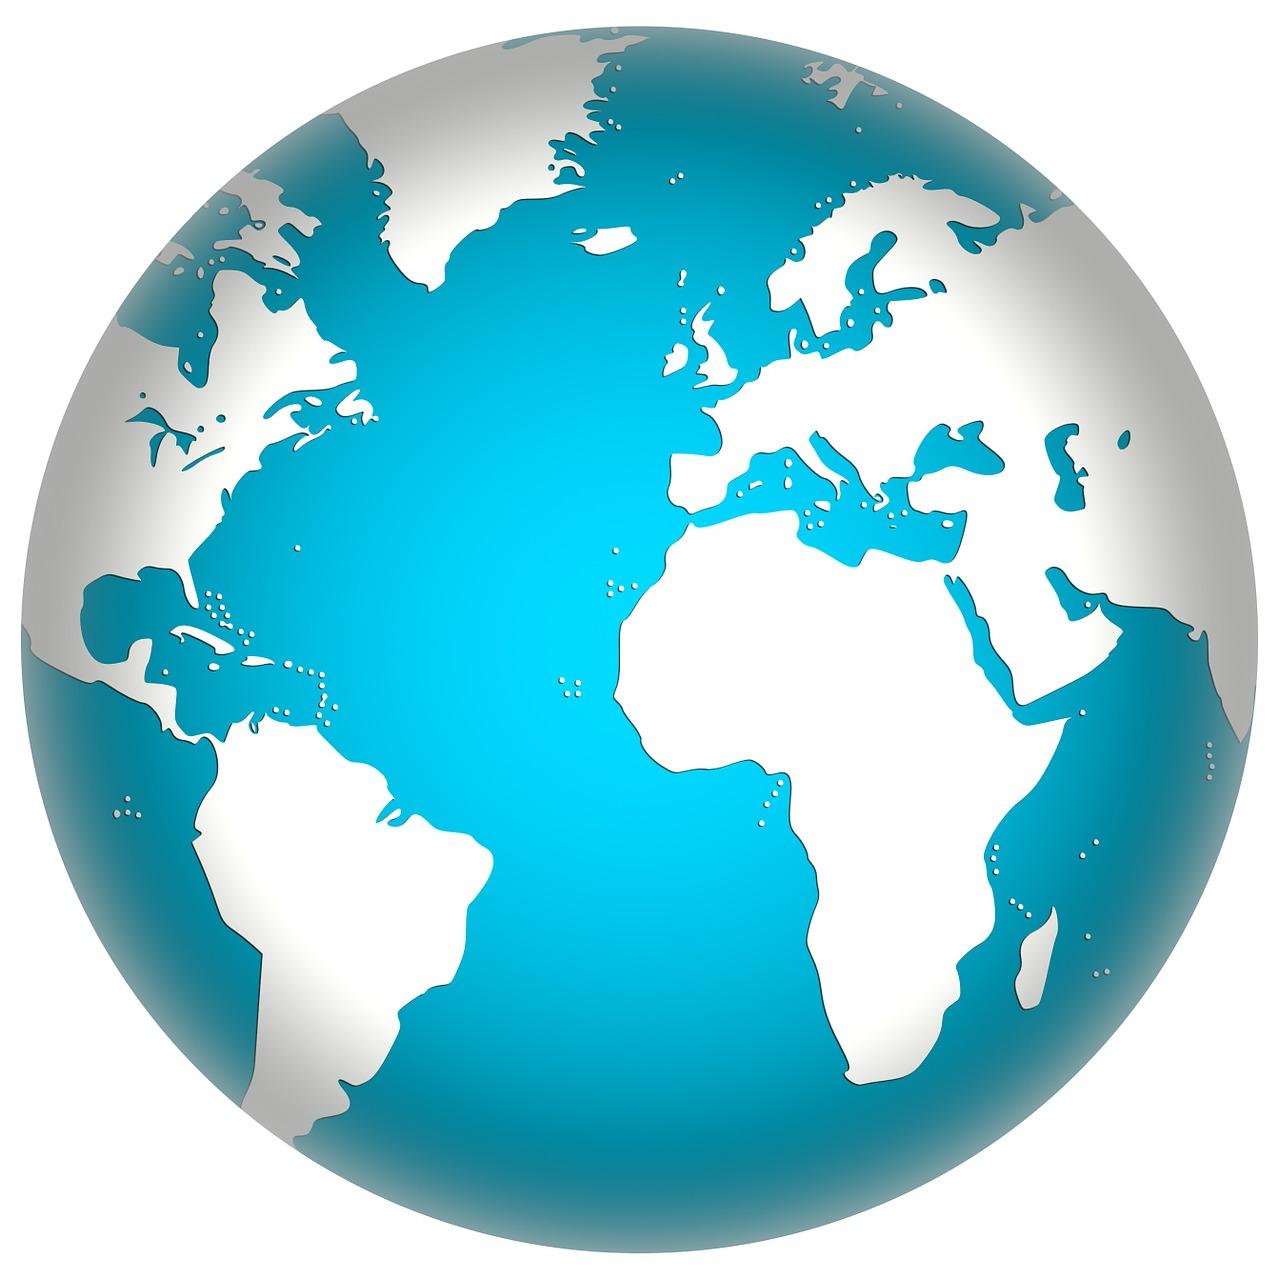 globe-563239_1280